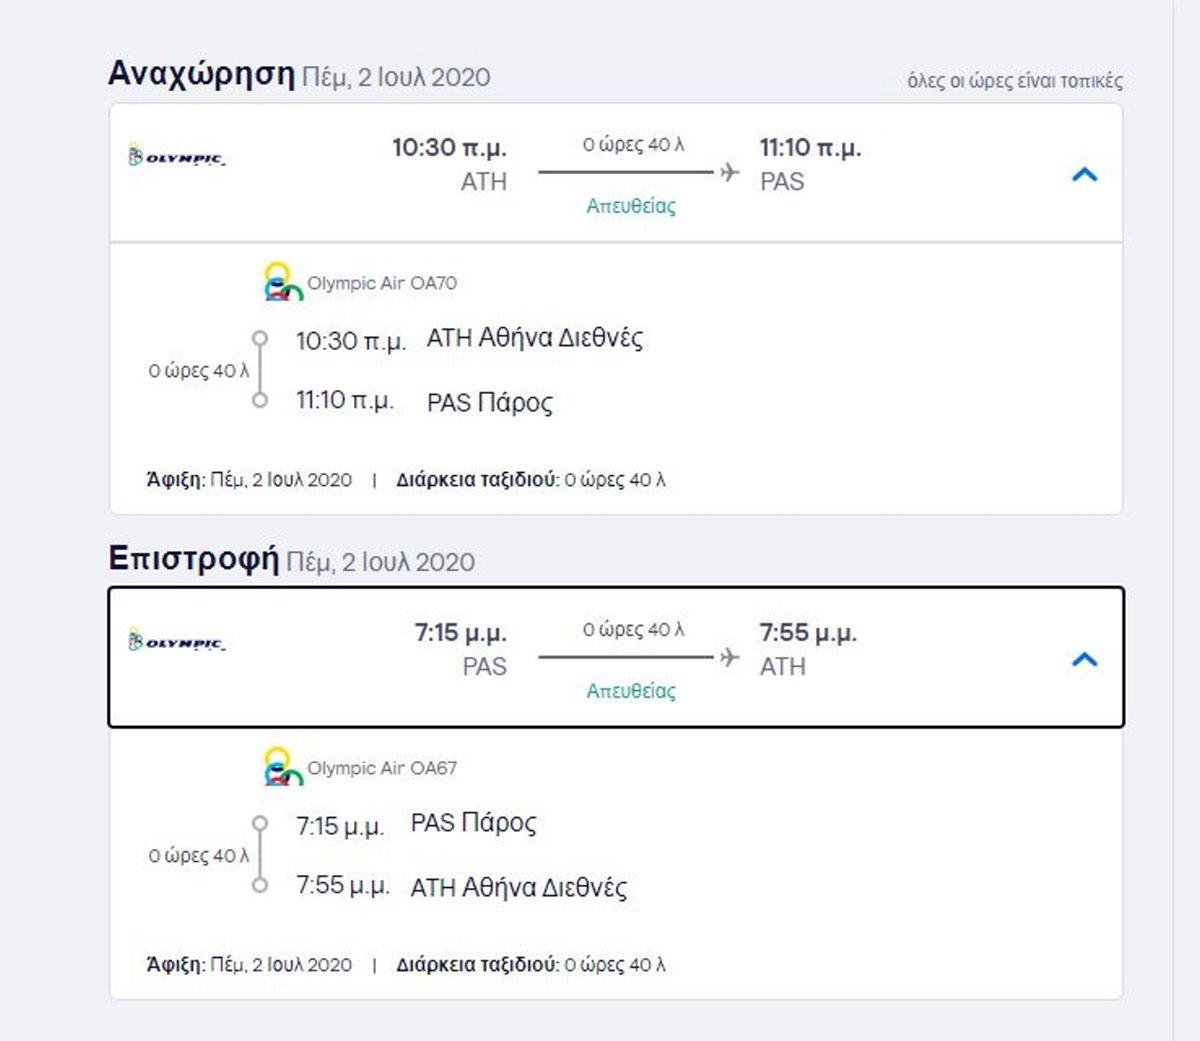 Πτήσεις για Πάρο από Αθήνα με την Olympic Air